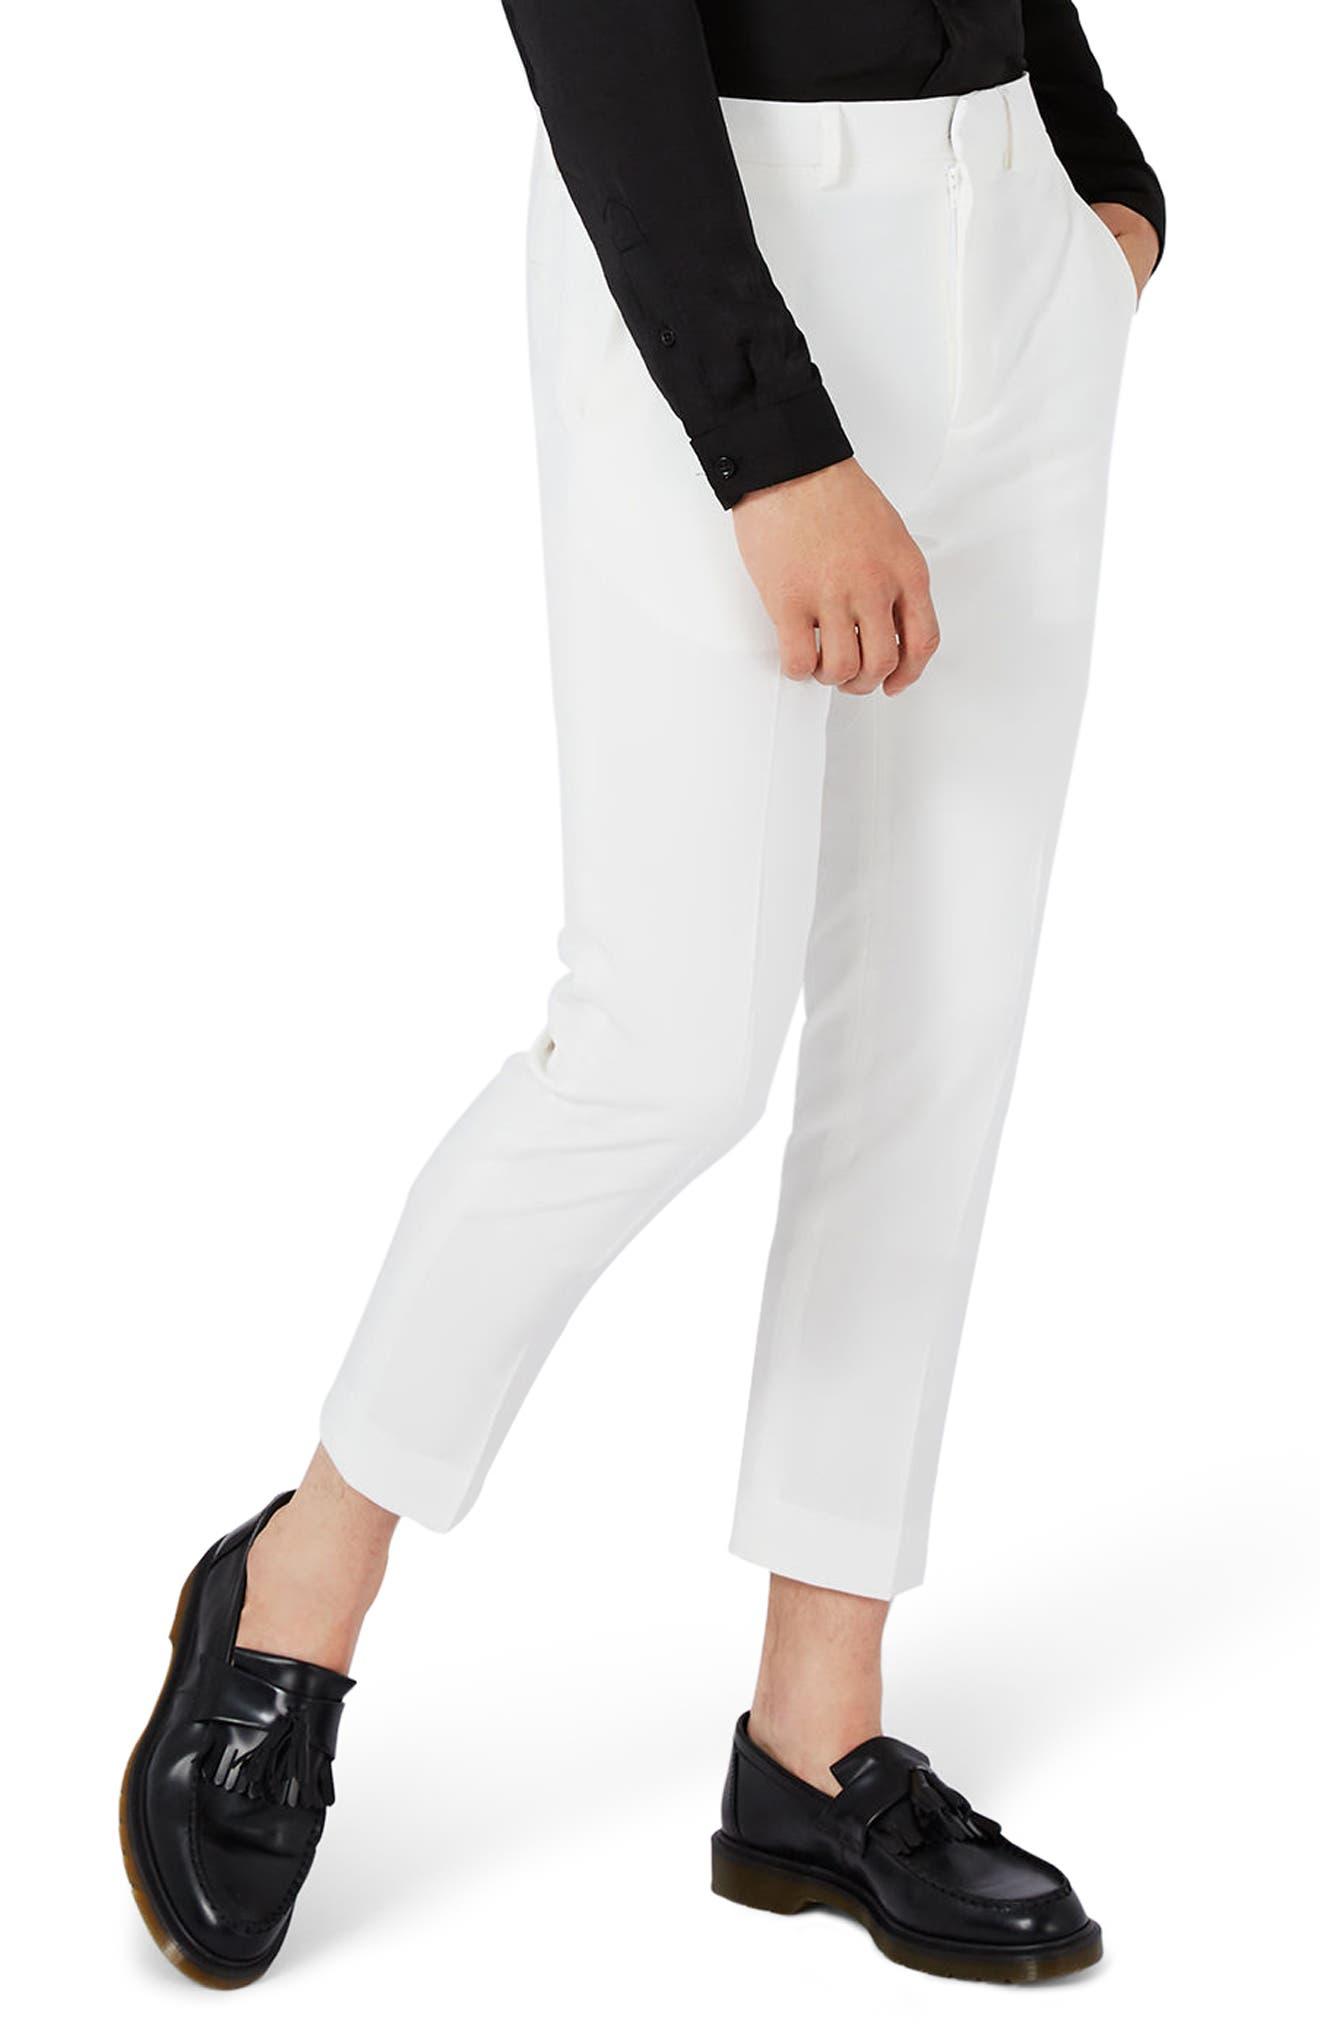 Topman Skinny Fit Crop Tuxedo Trousers